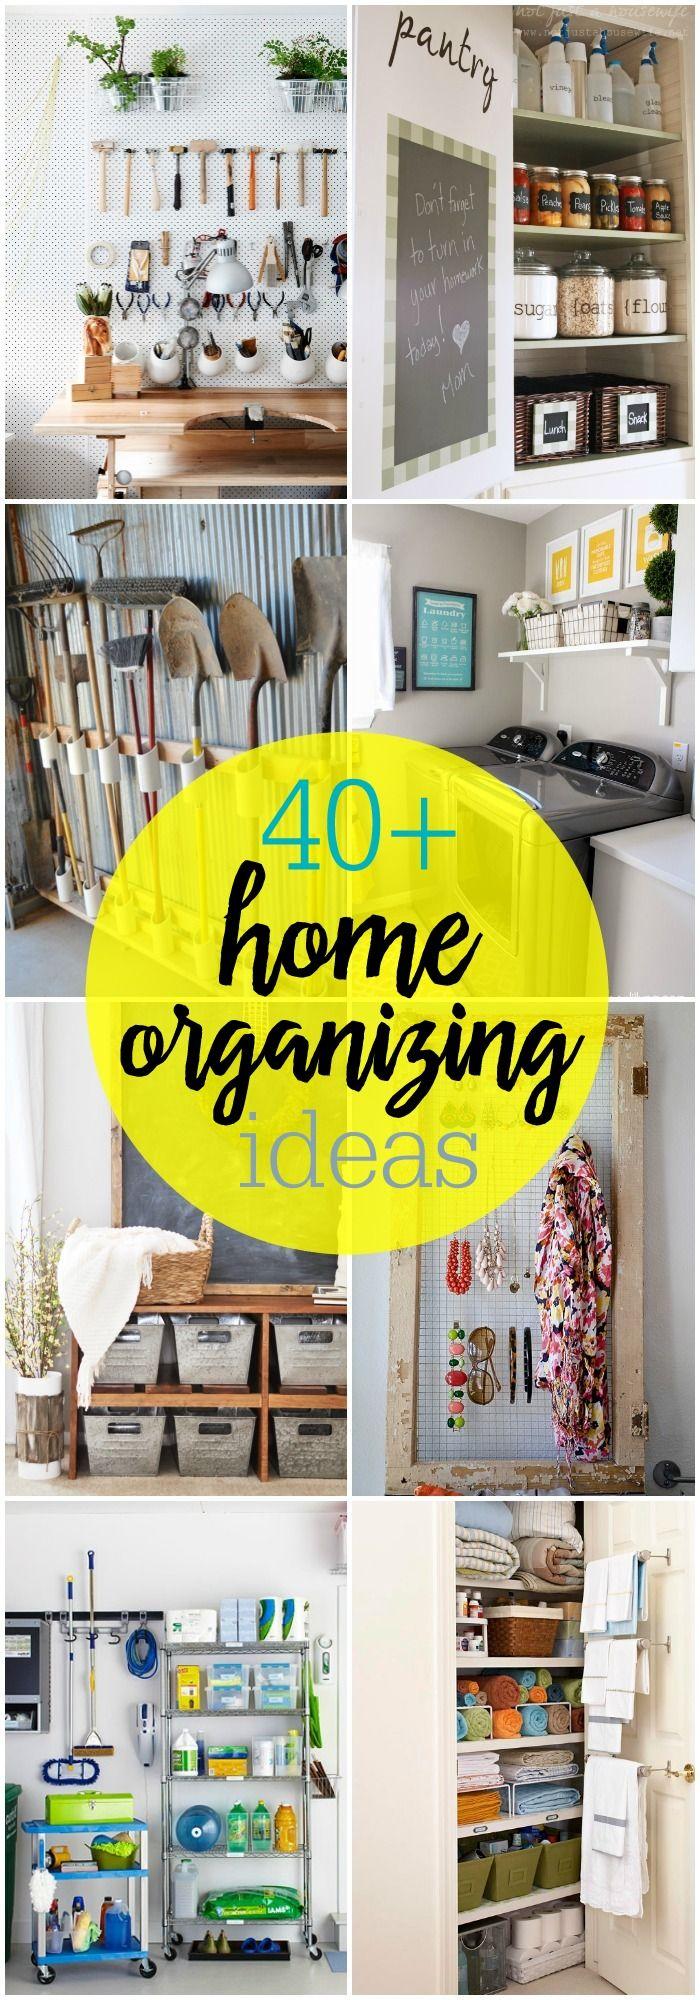 home organization ideas ideas 4 organization pinterest organisation haus und zuhause. Black Bedroom Furniture Sets. Home Design Ideas